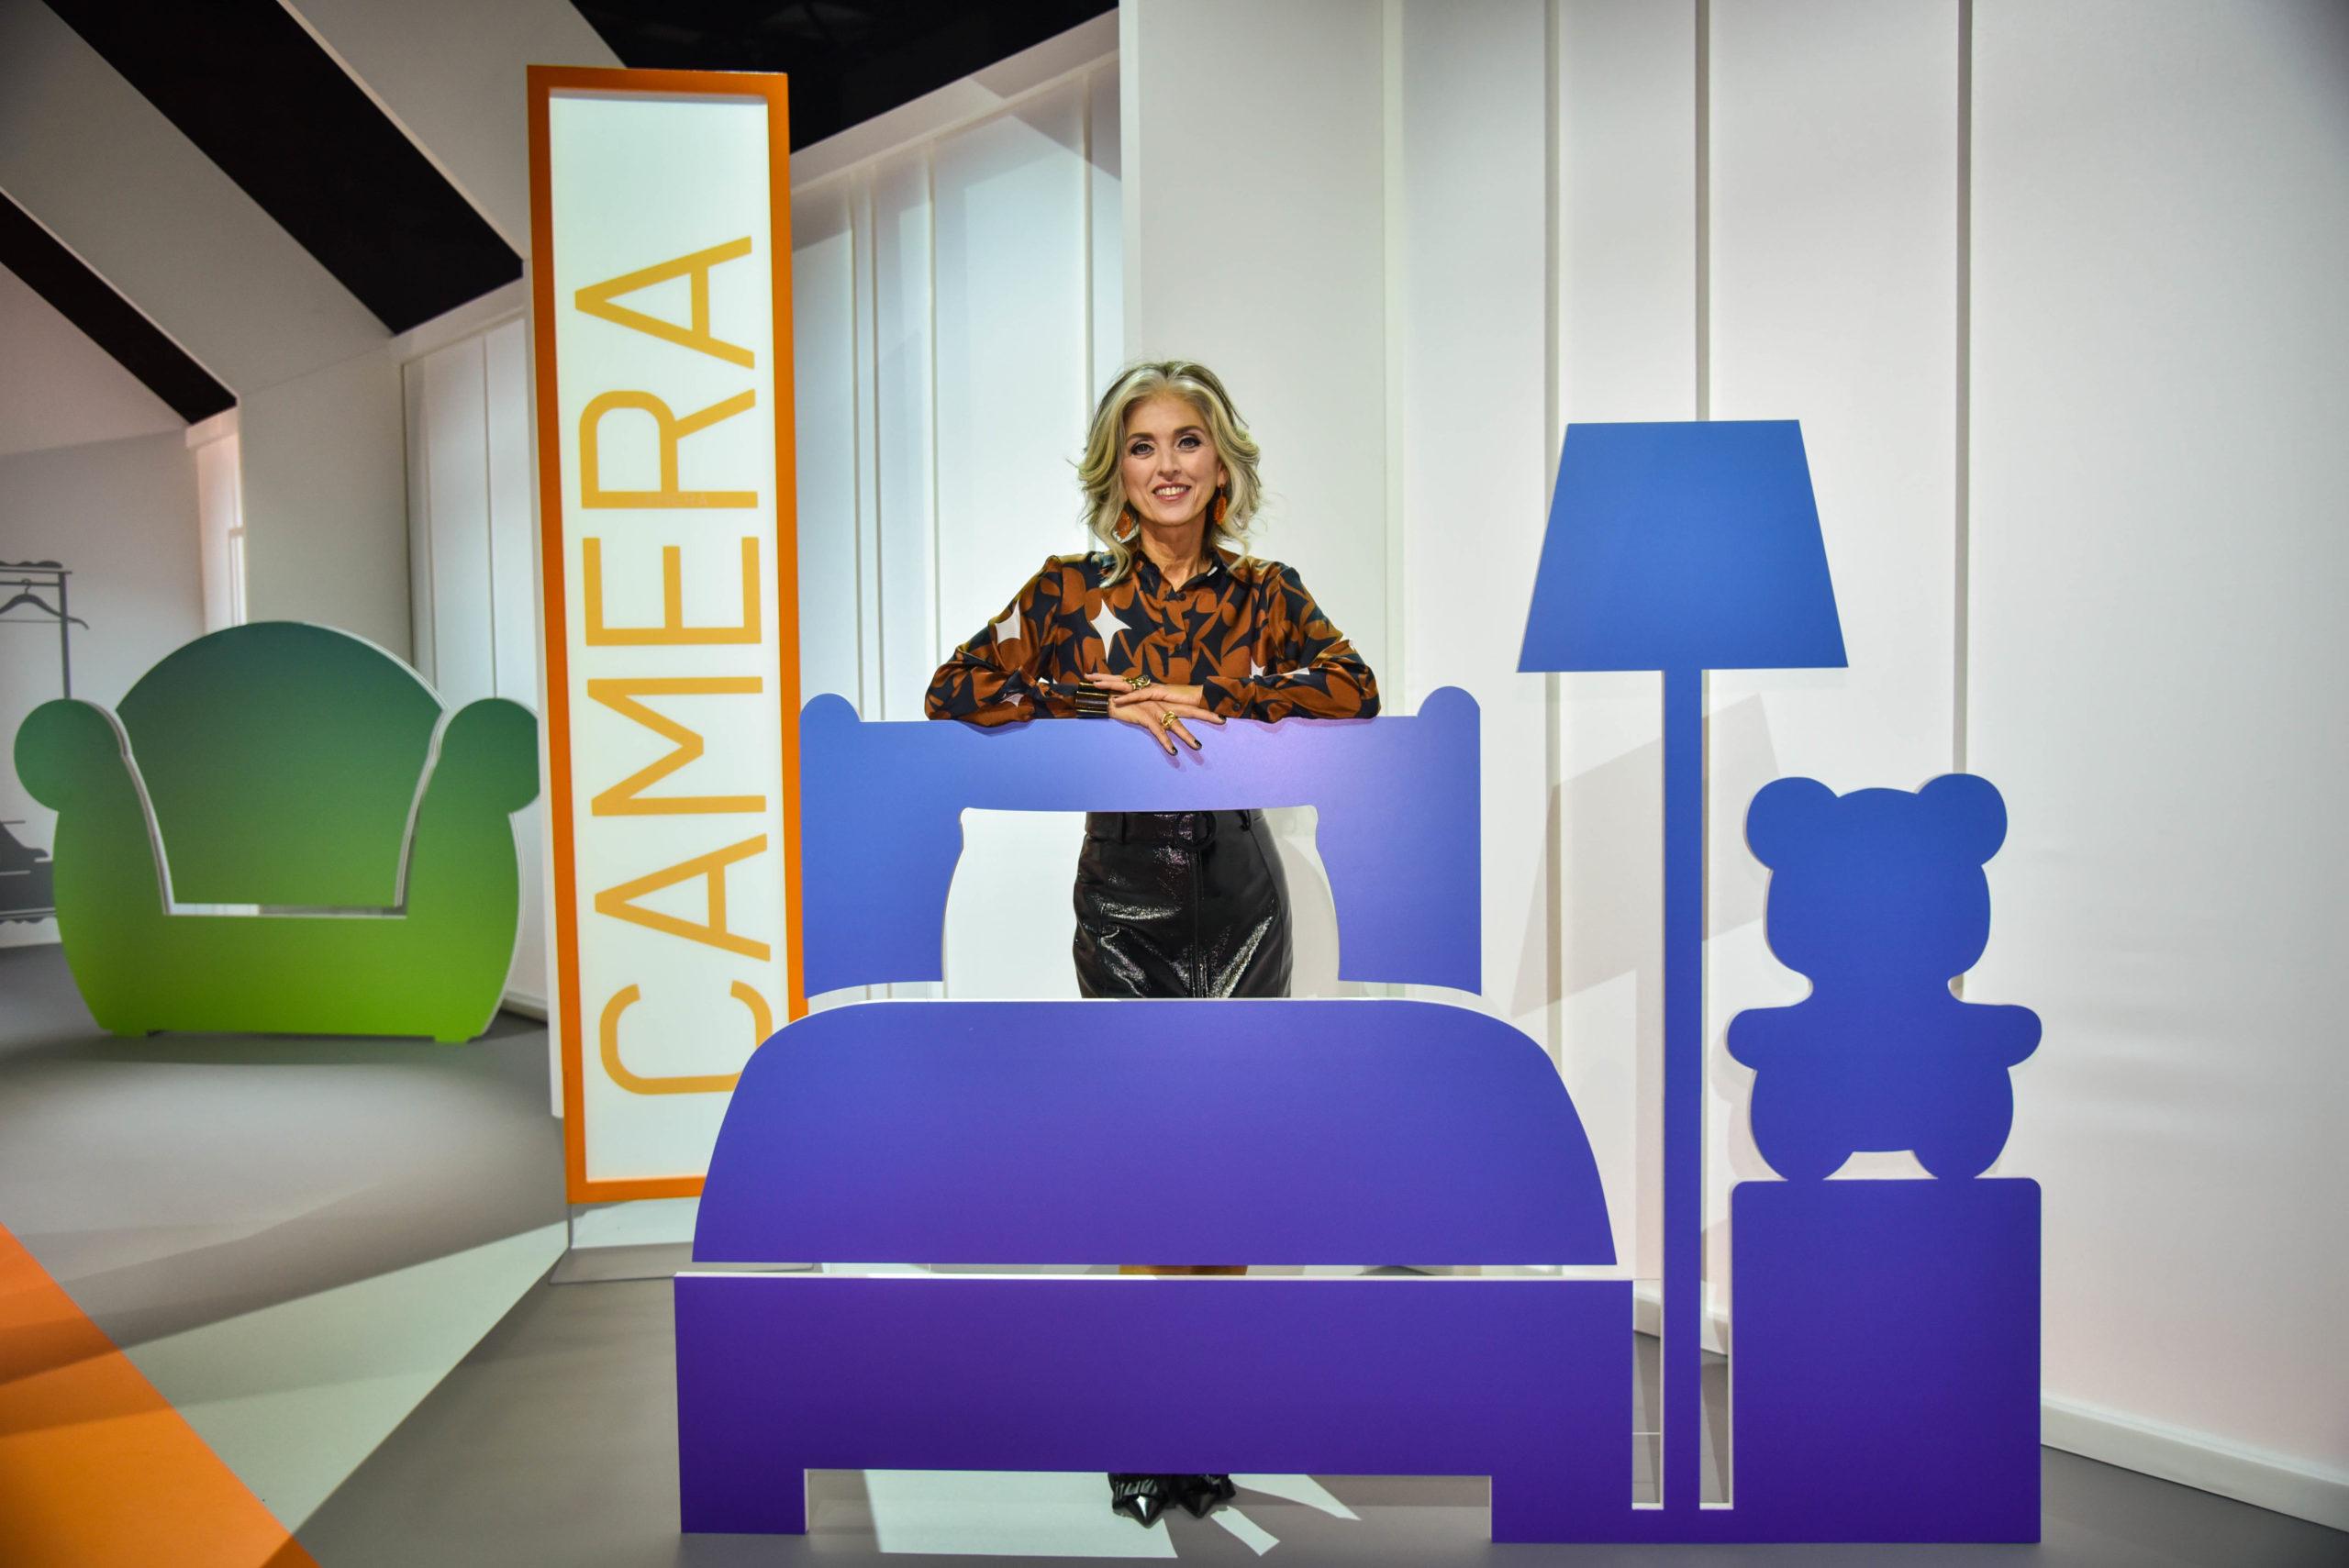 Paola Marella conduttrice del programma A te le chiavi durante la registrazione del programma